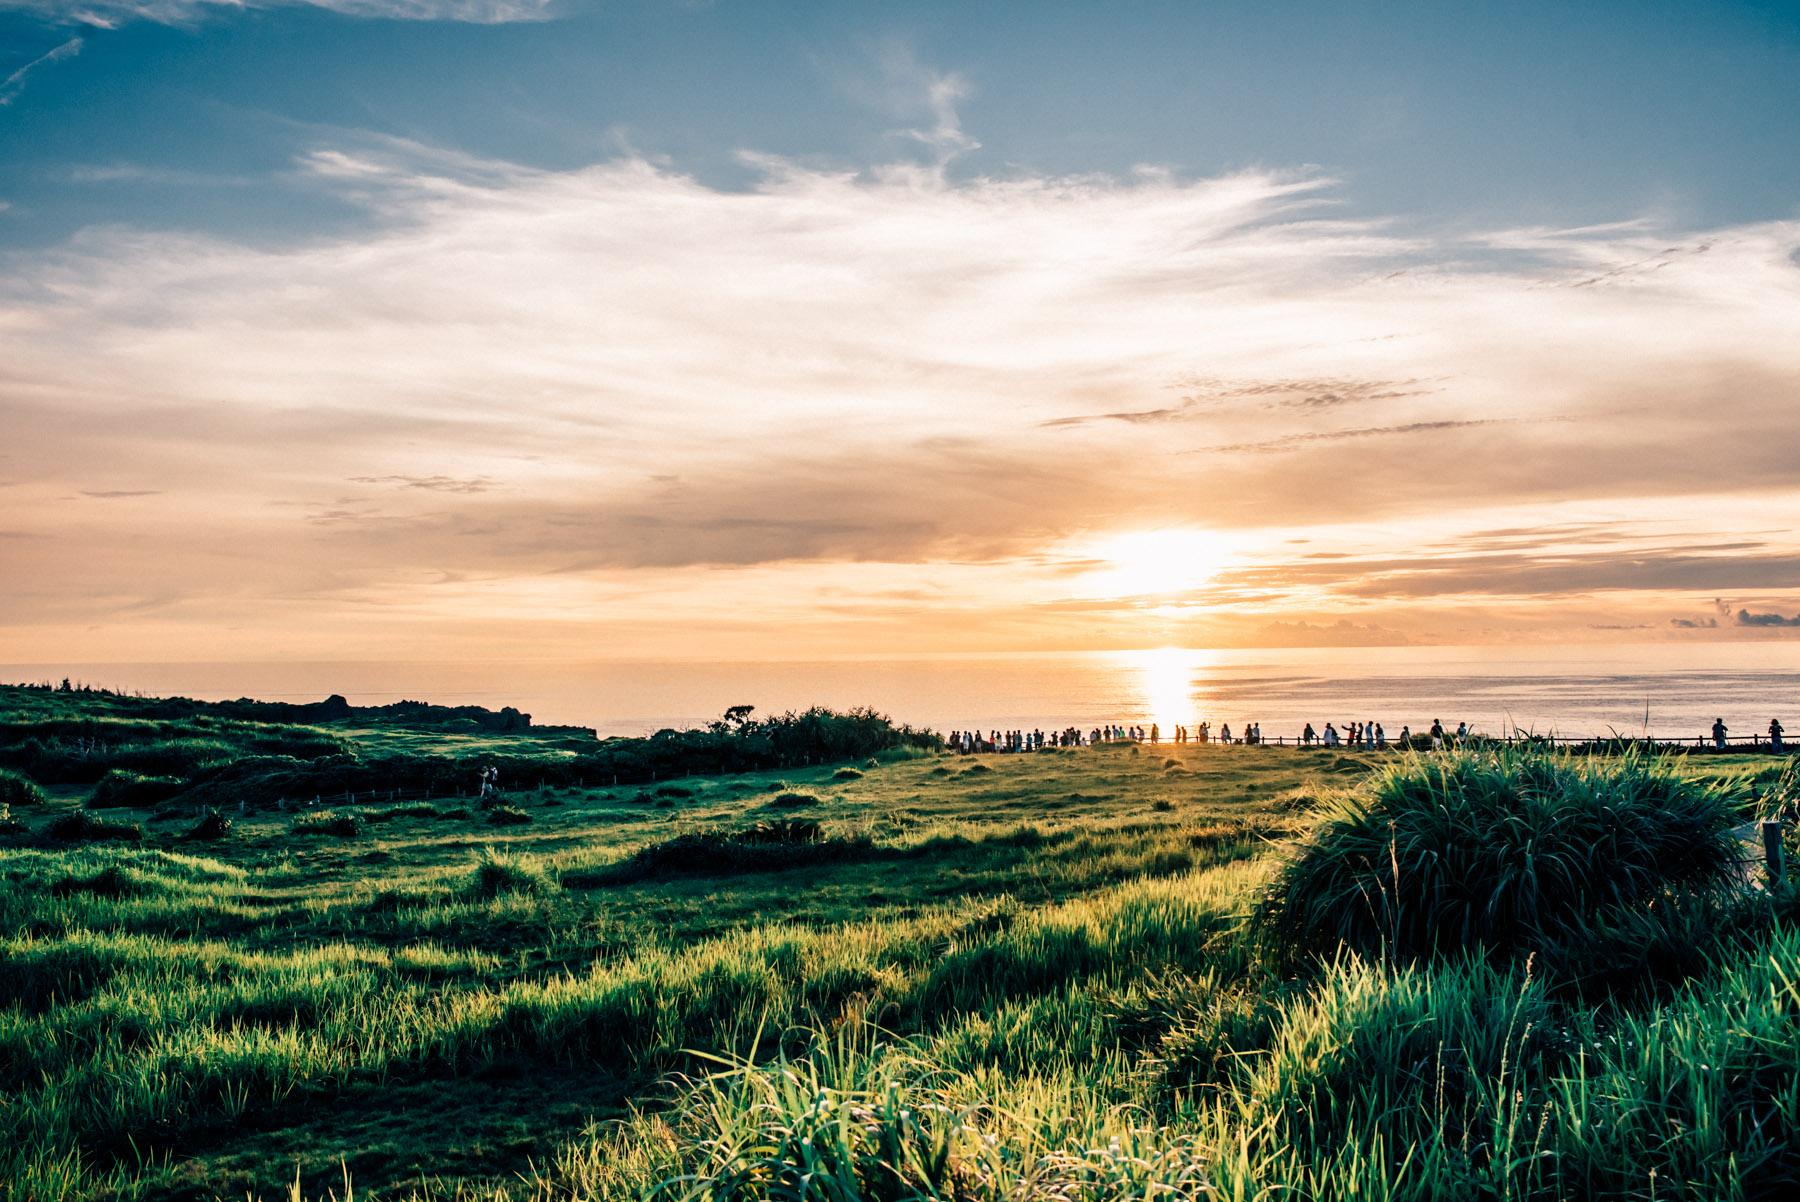 沖縄旅行1日目、読谷村の空気感と万座毛の夕日に心奪われた。